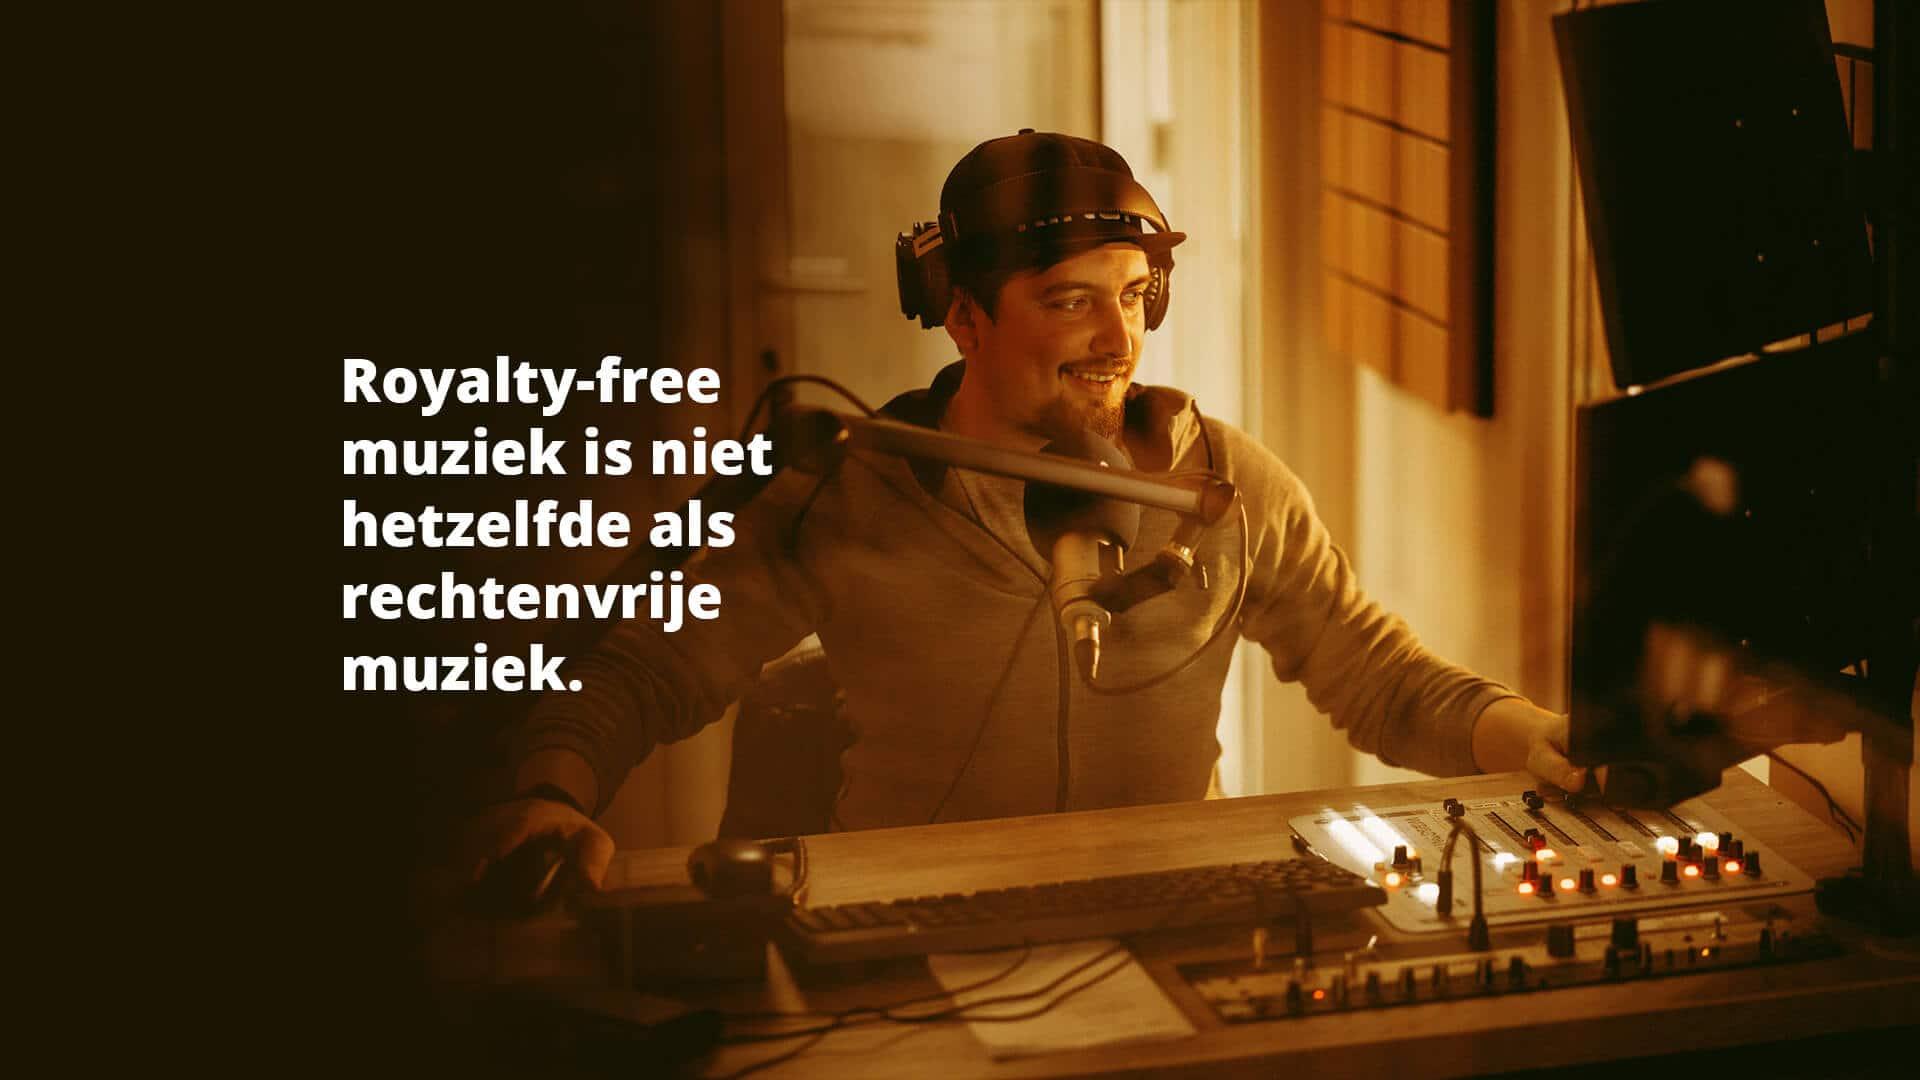 Royalty-free En Rechtenvrije Muziek Bestaat Niet!